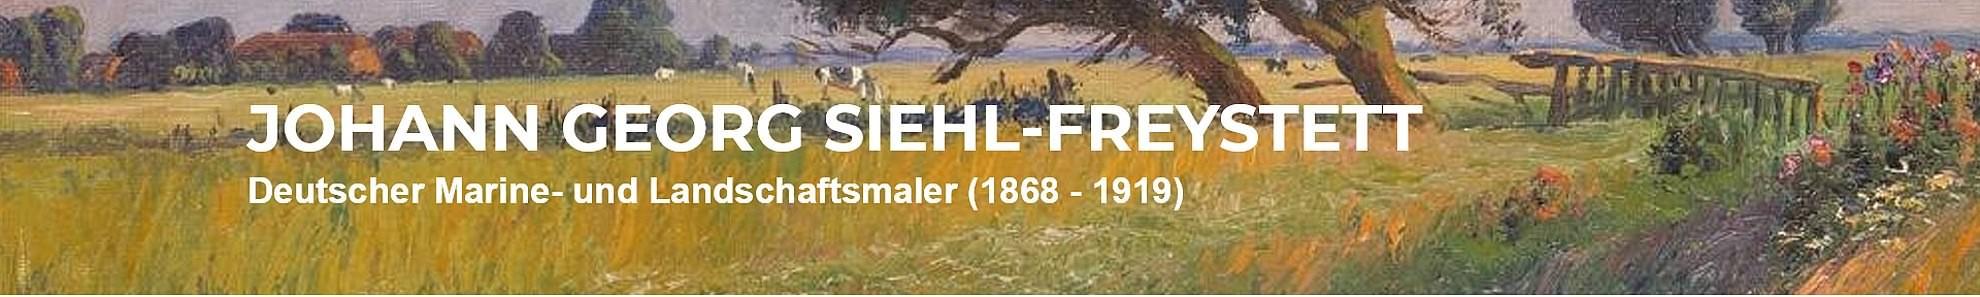 Werkverzeichnis Siehl-Freystett